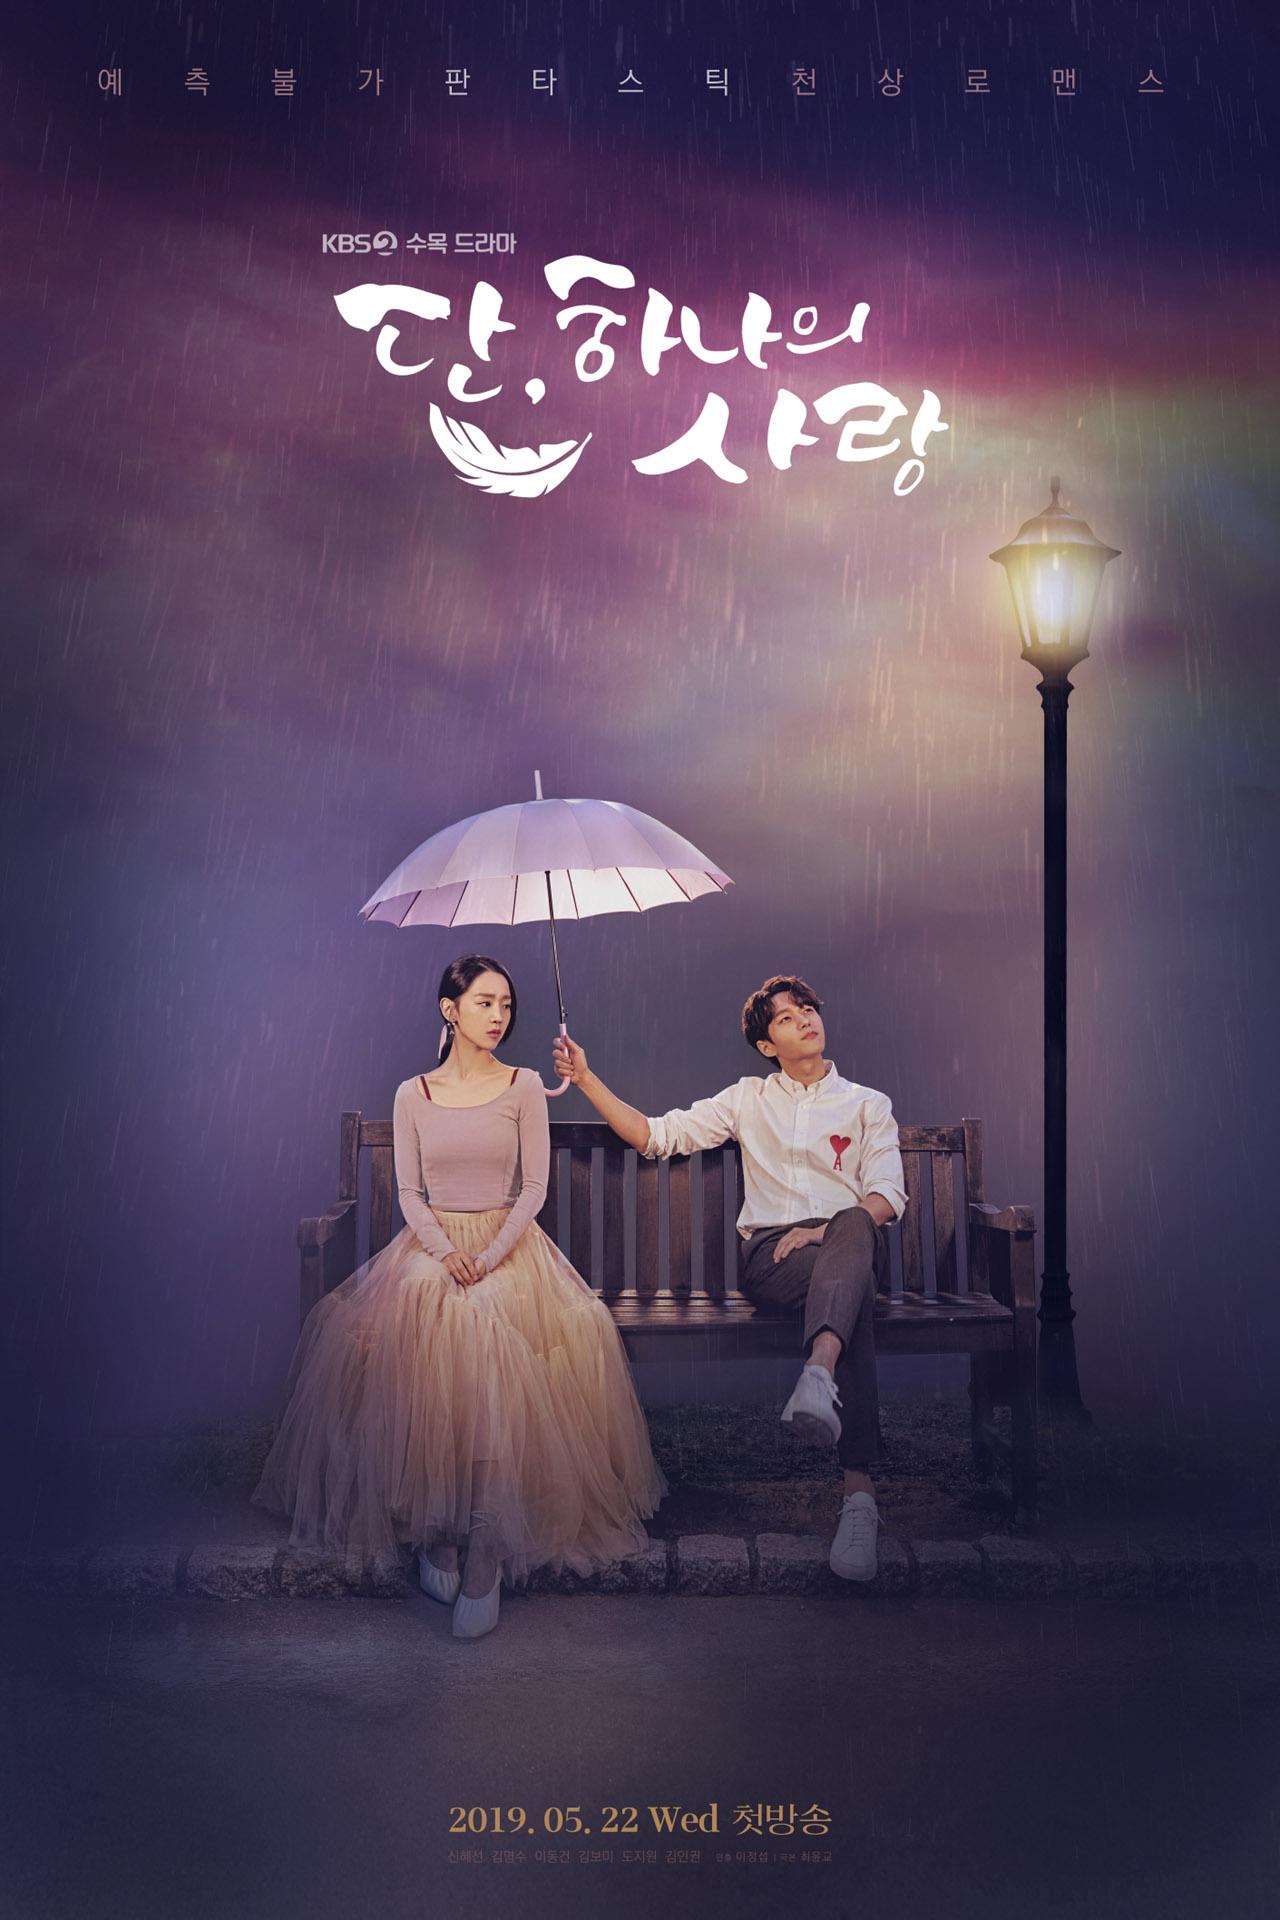 [혼다] KBS _단, 하나의 사랑__드라마 포스터_02